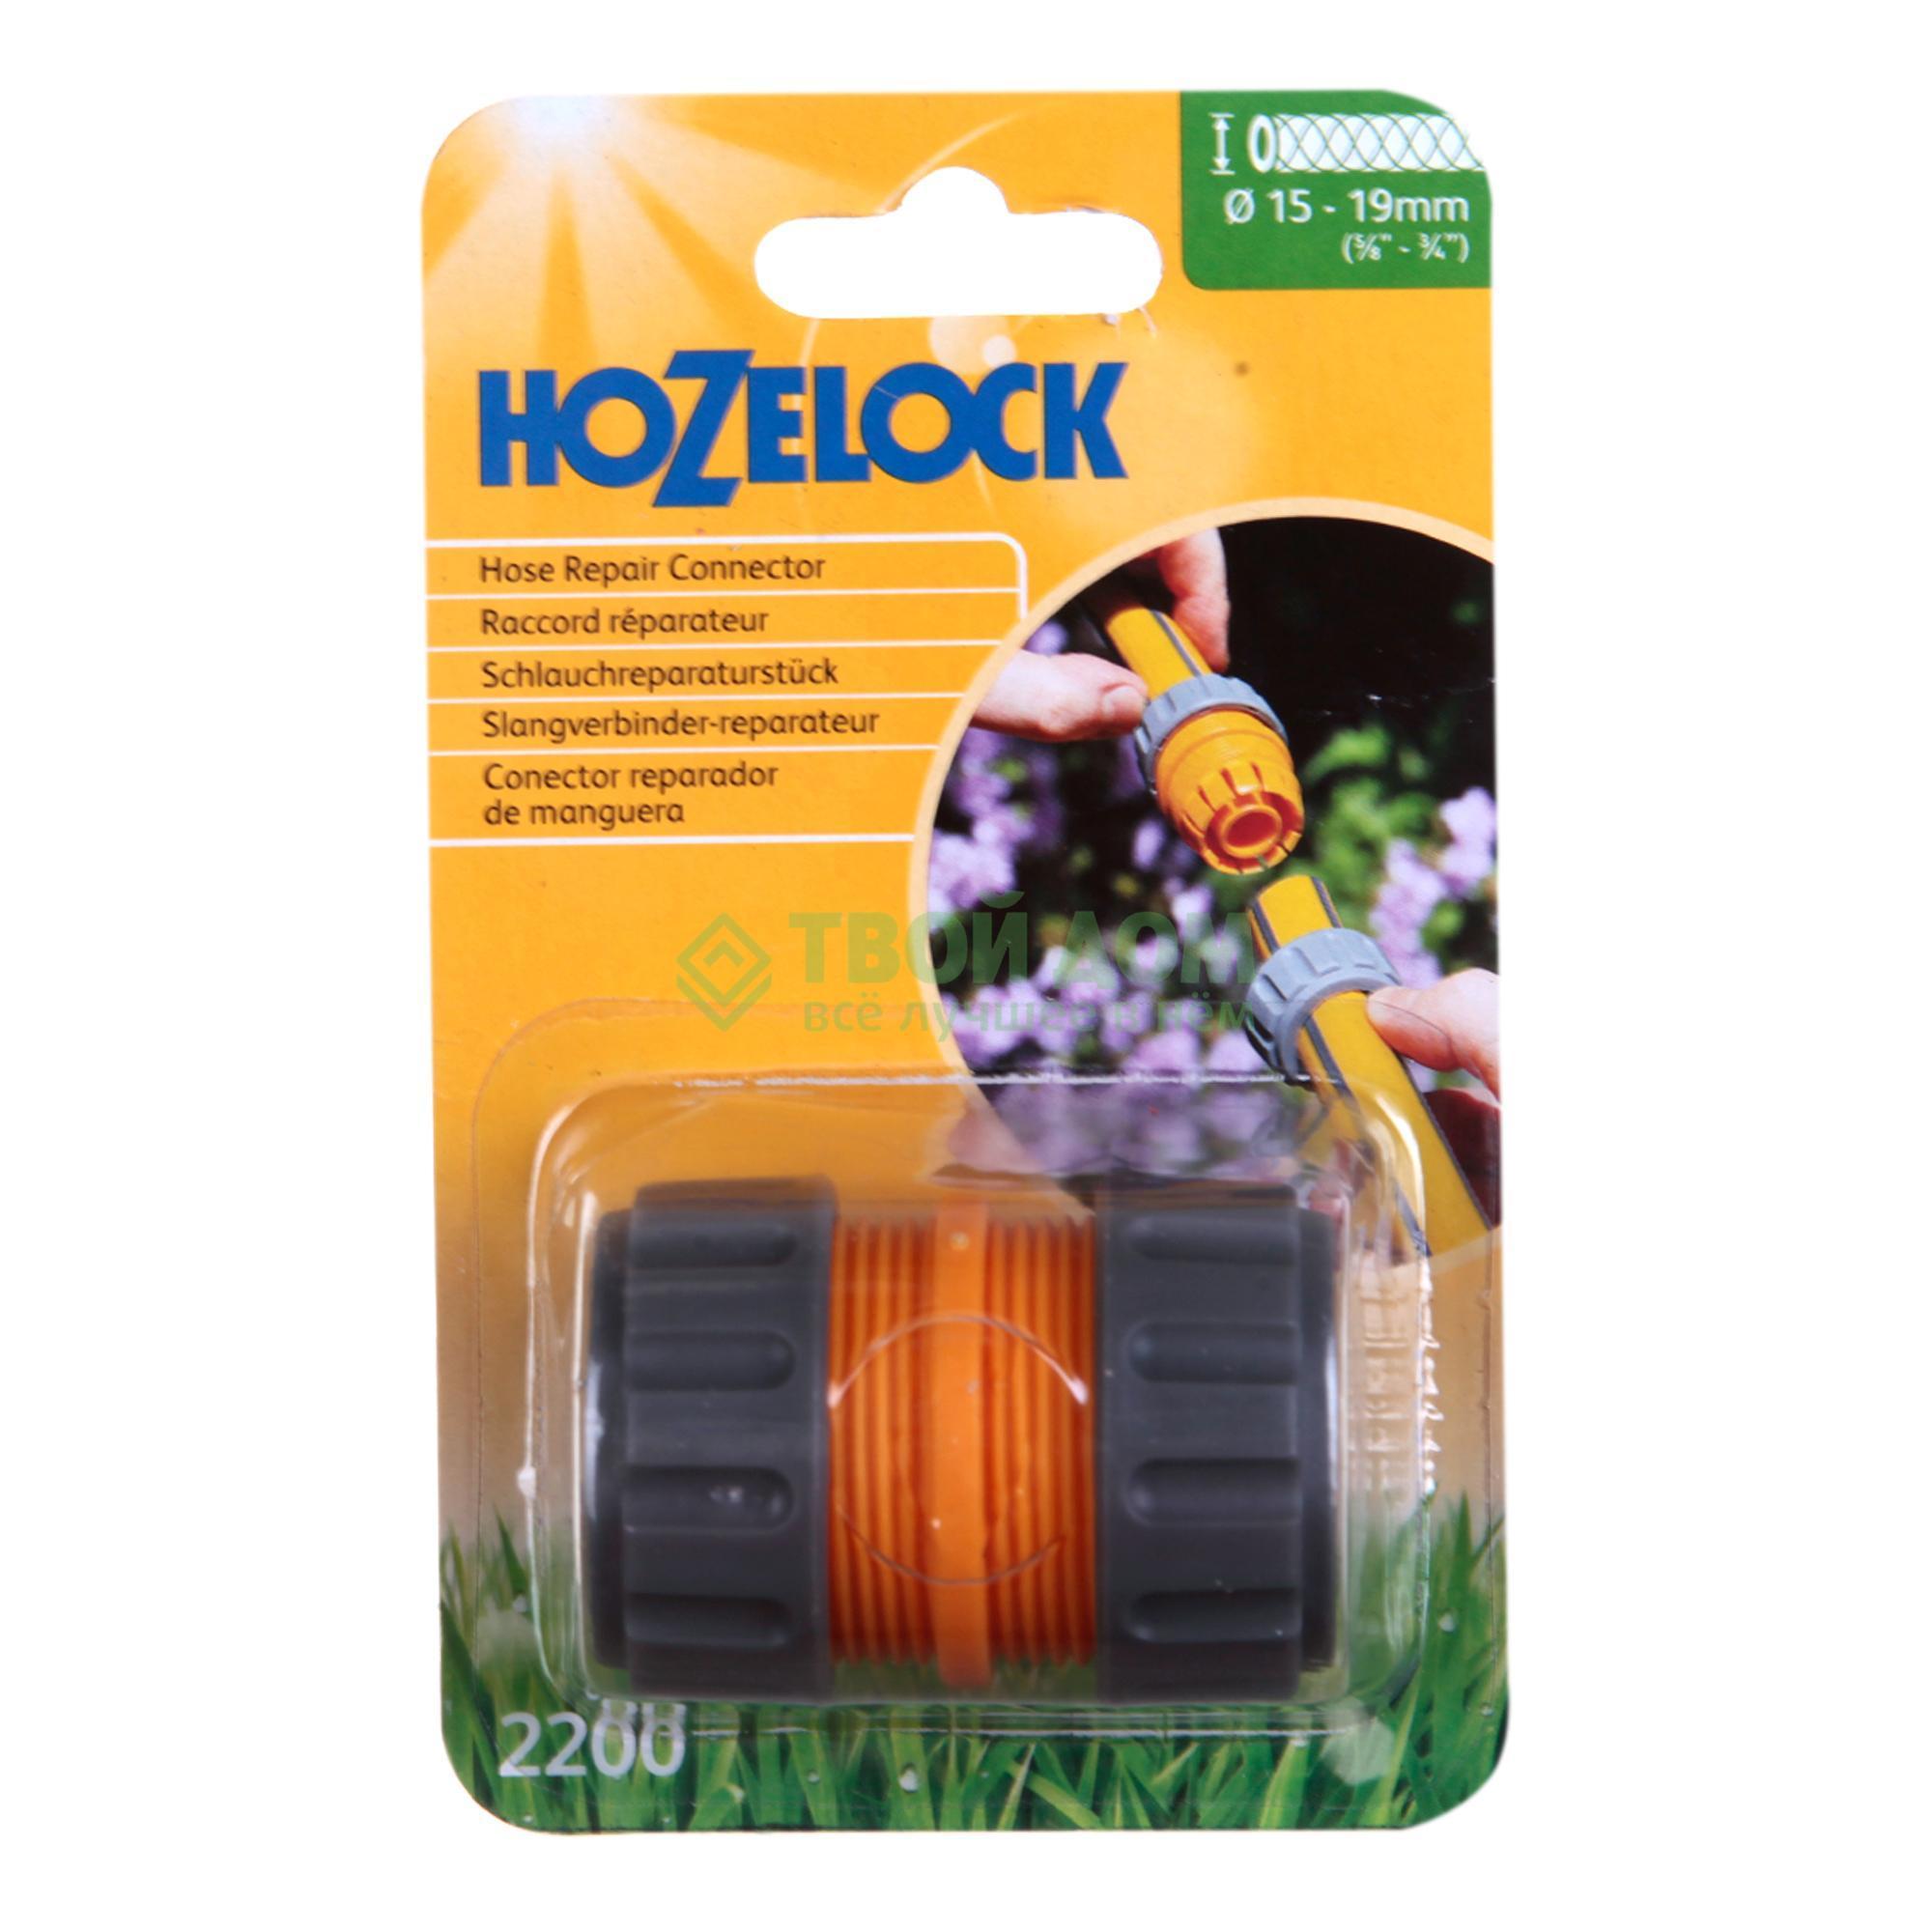 Коннектор ремонтный для шлангов Hozelock (2200P9000)